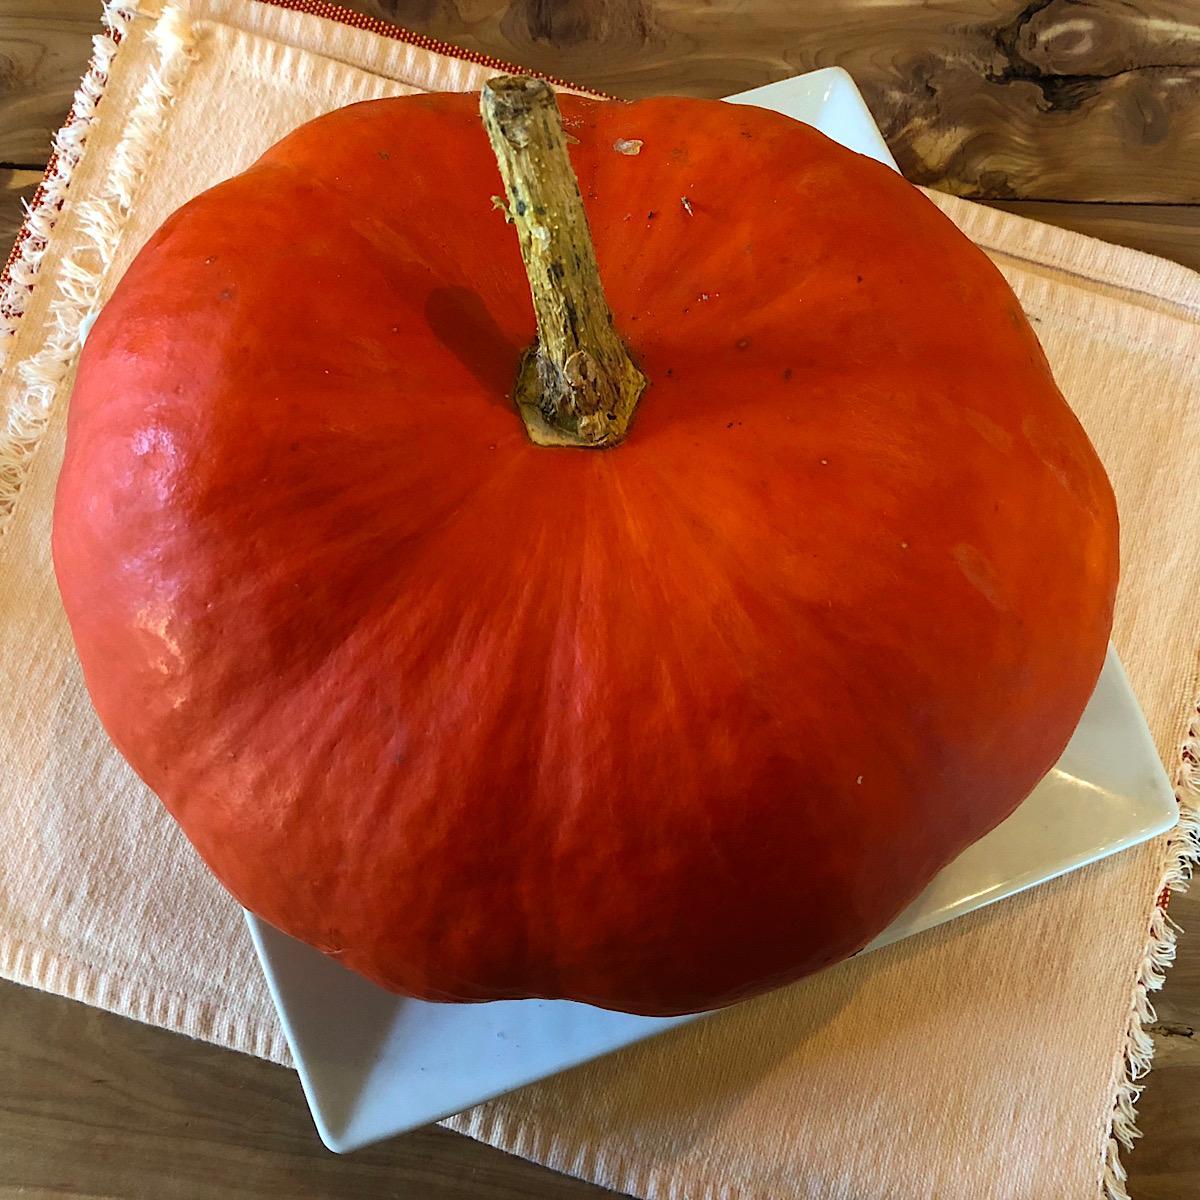 Heirloom pumpkin called Rouge d'entemps